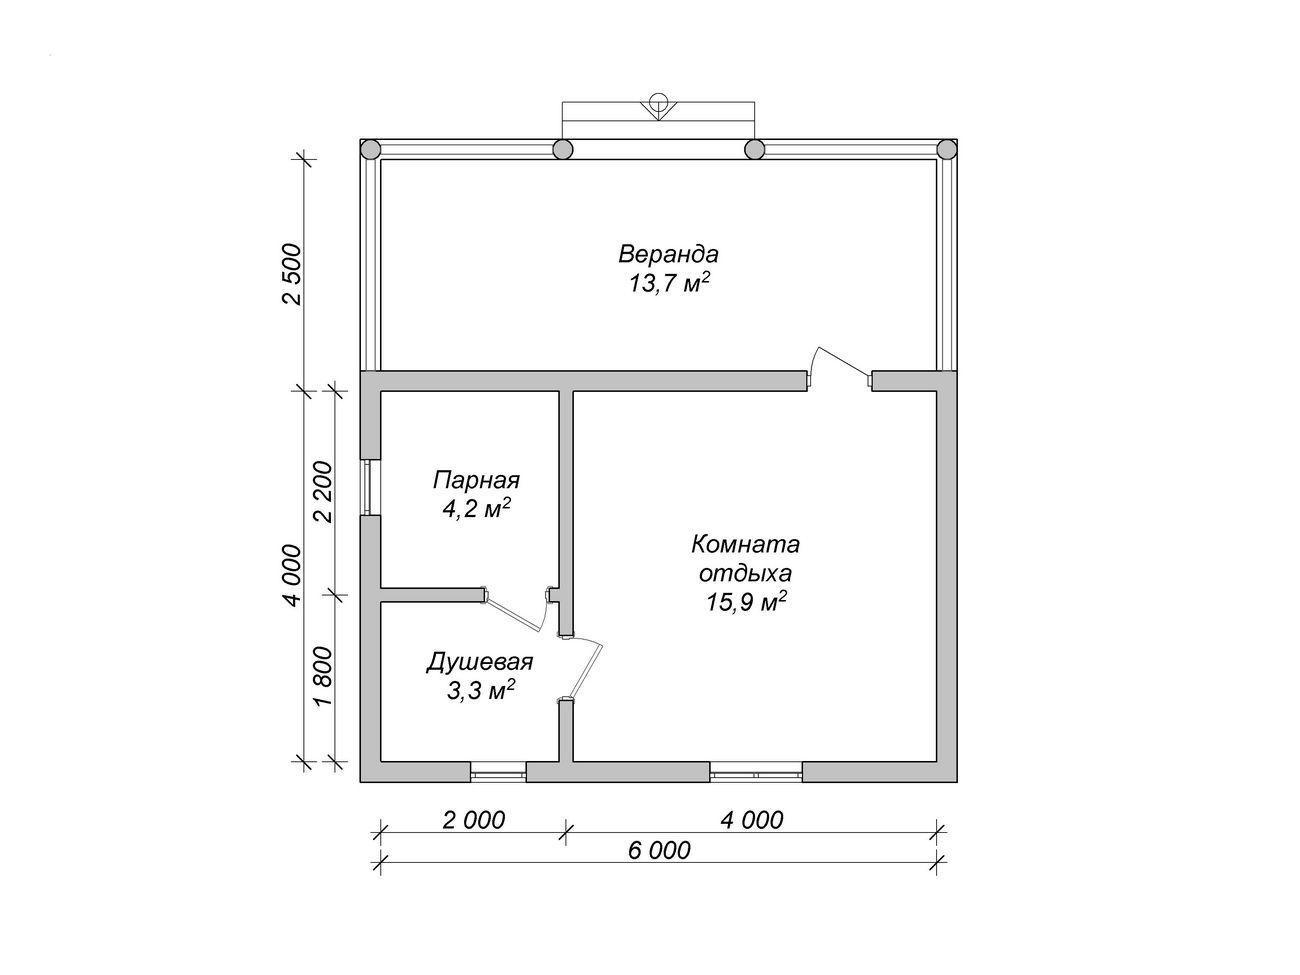 Баня 6 на 4 планировка